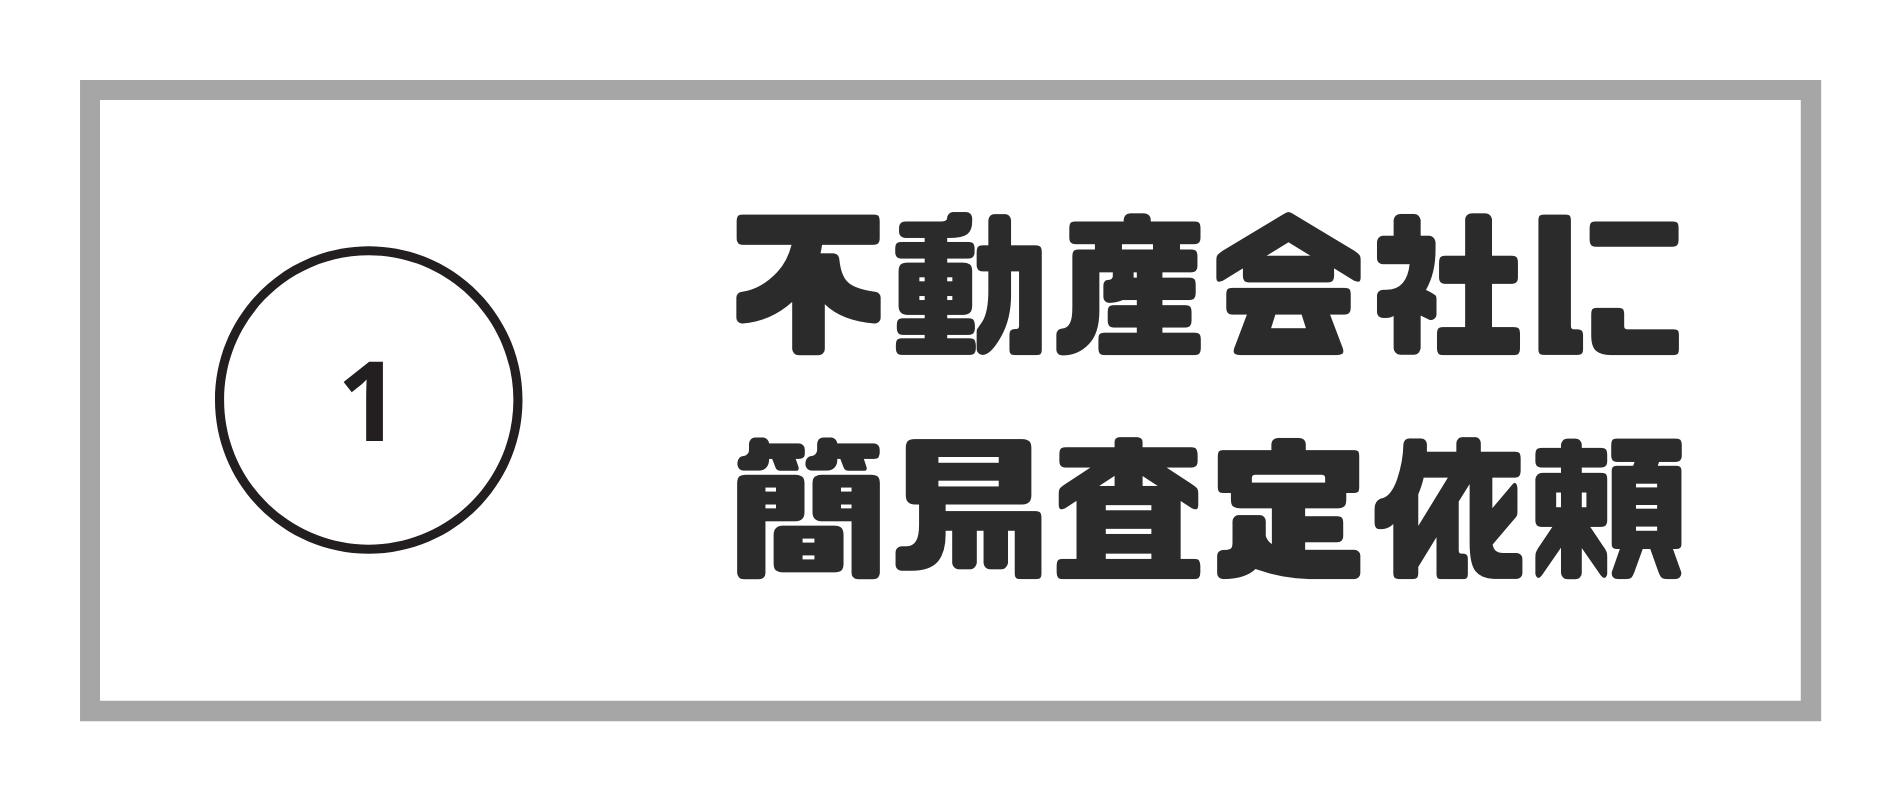 マンション査定_不動産会社に簡易査定依頼